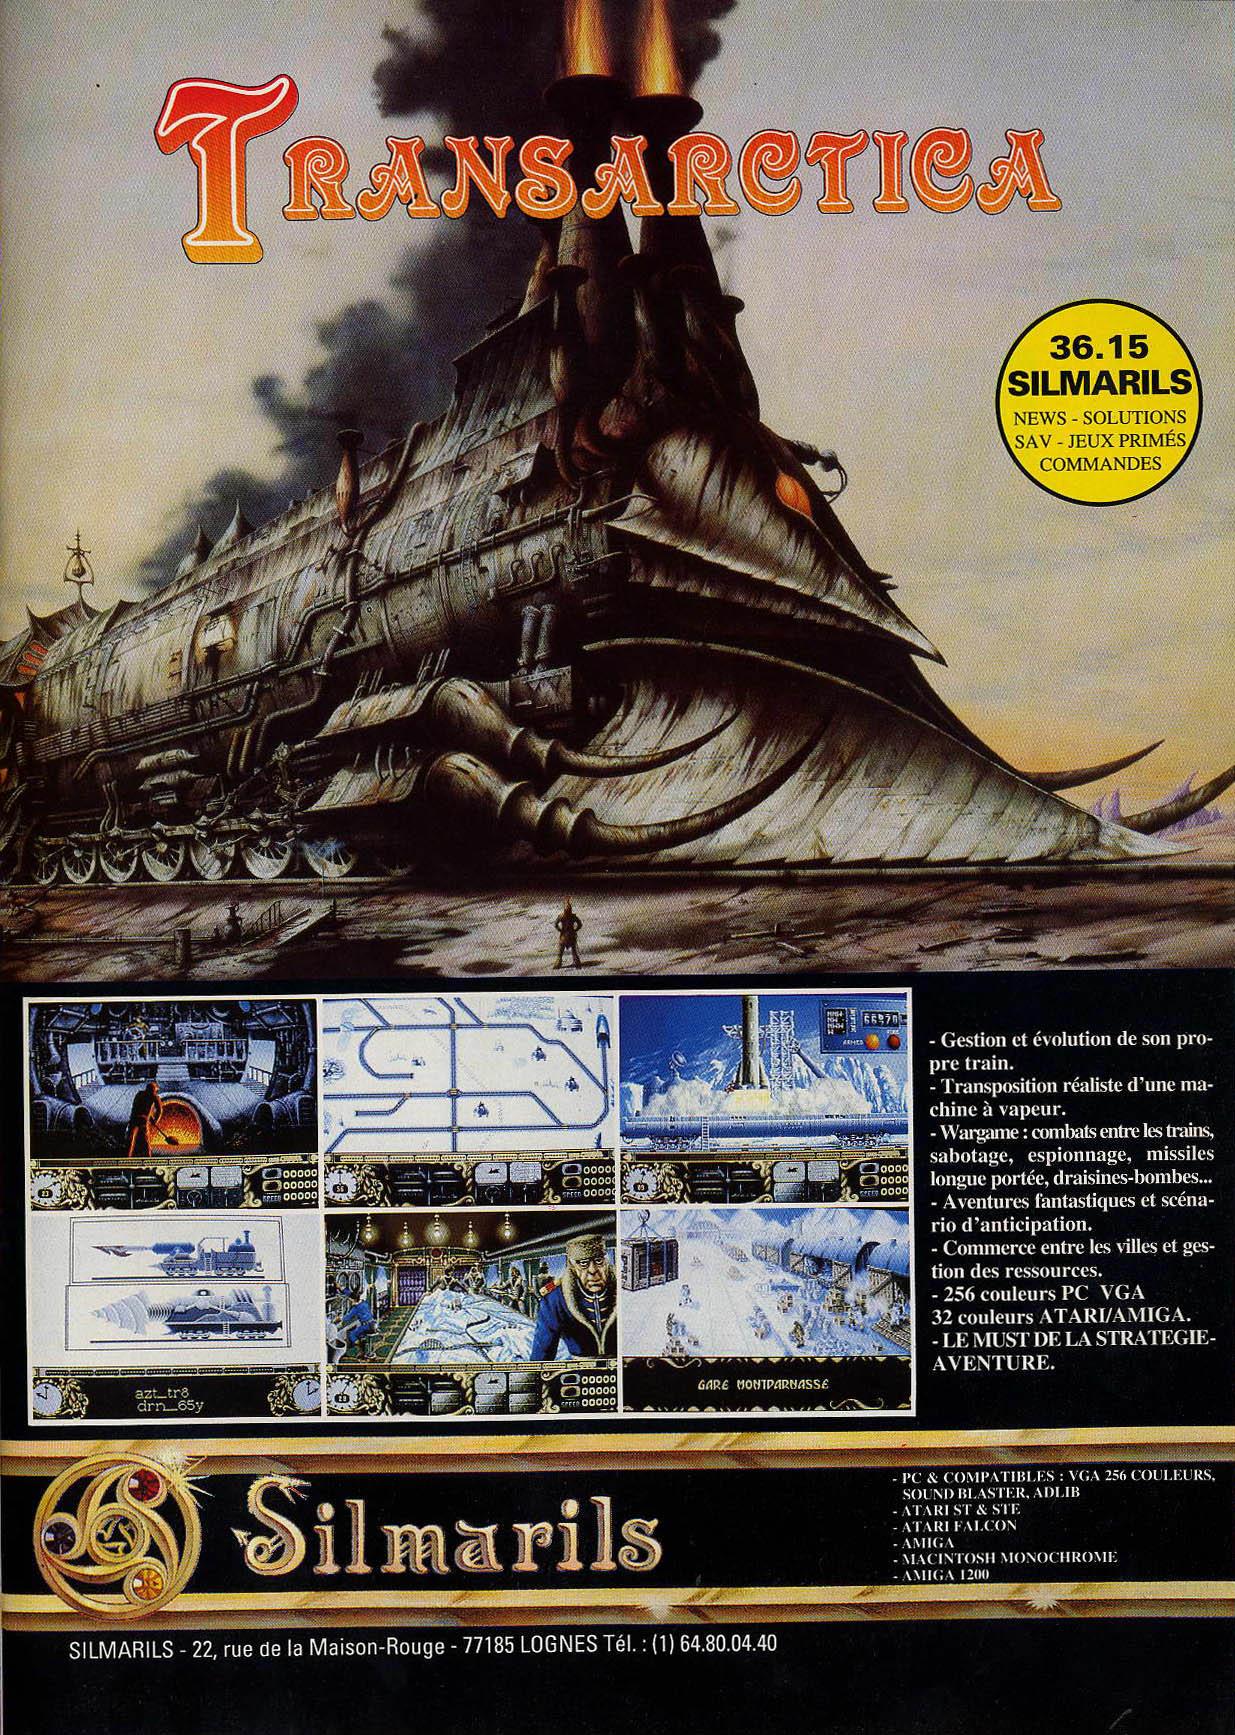 Vos jeux et niveaux où il fait froid préférés - Page 2 12377transartica-MPCplayer03-01-93